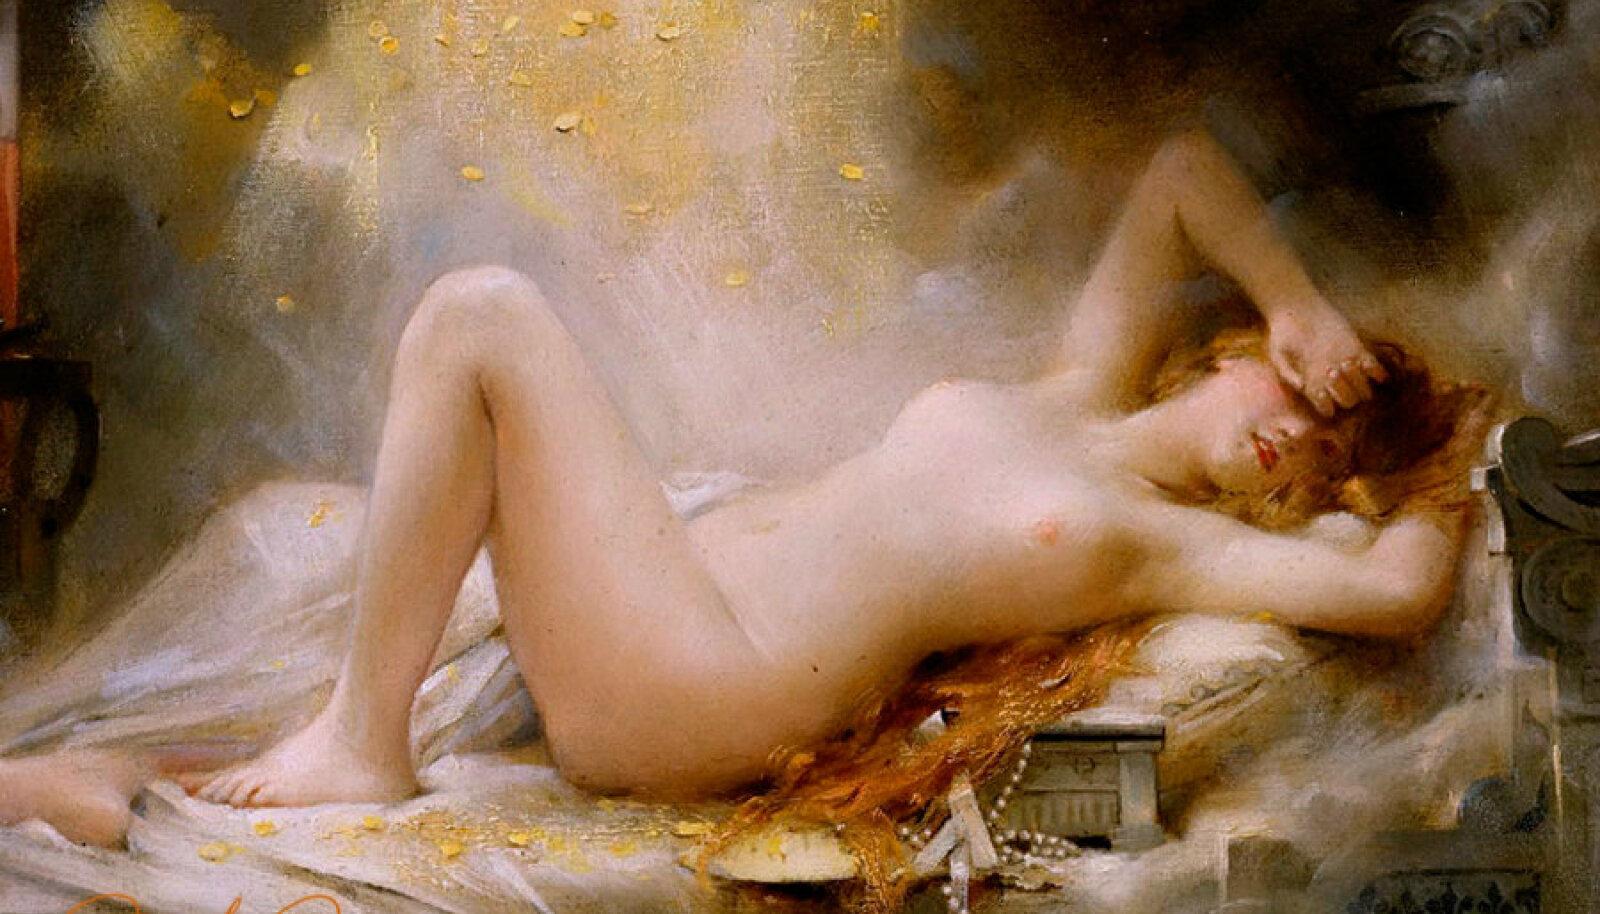 Armastaja arhetüüp evib erilist sensuaalset fluidumit